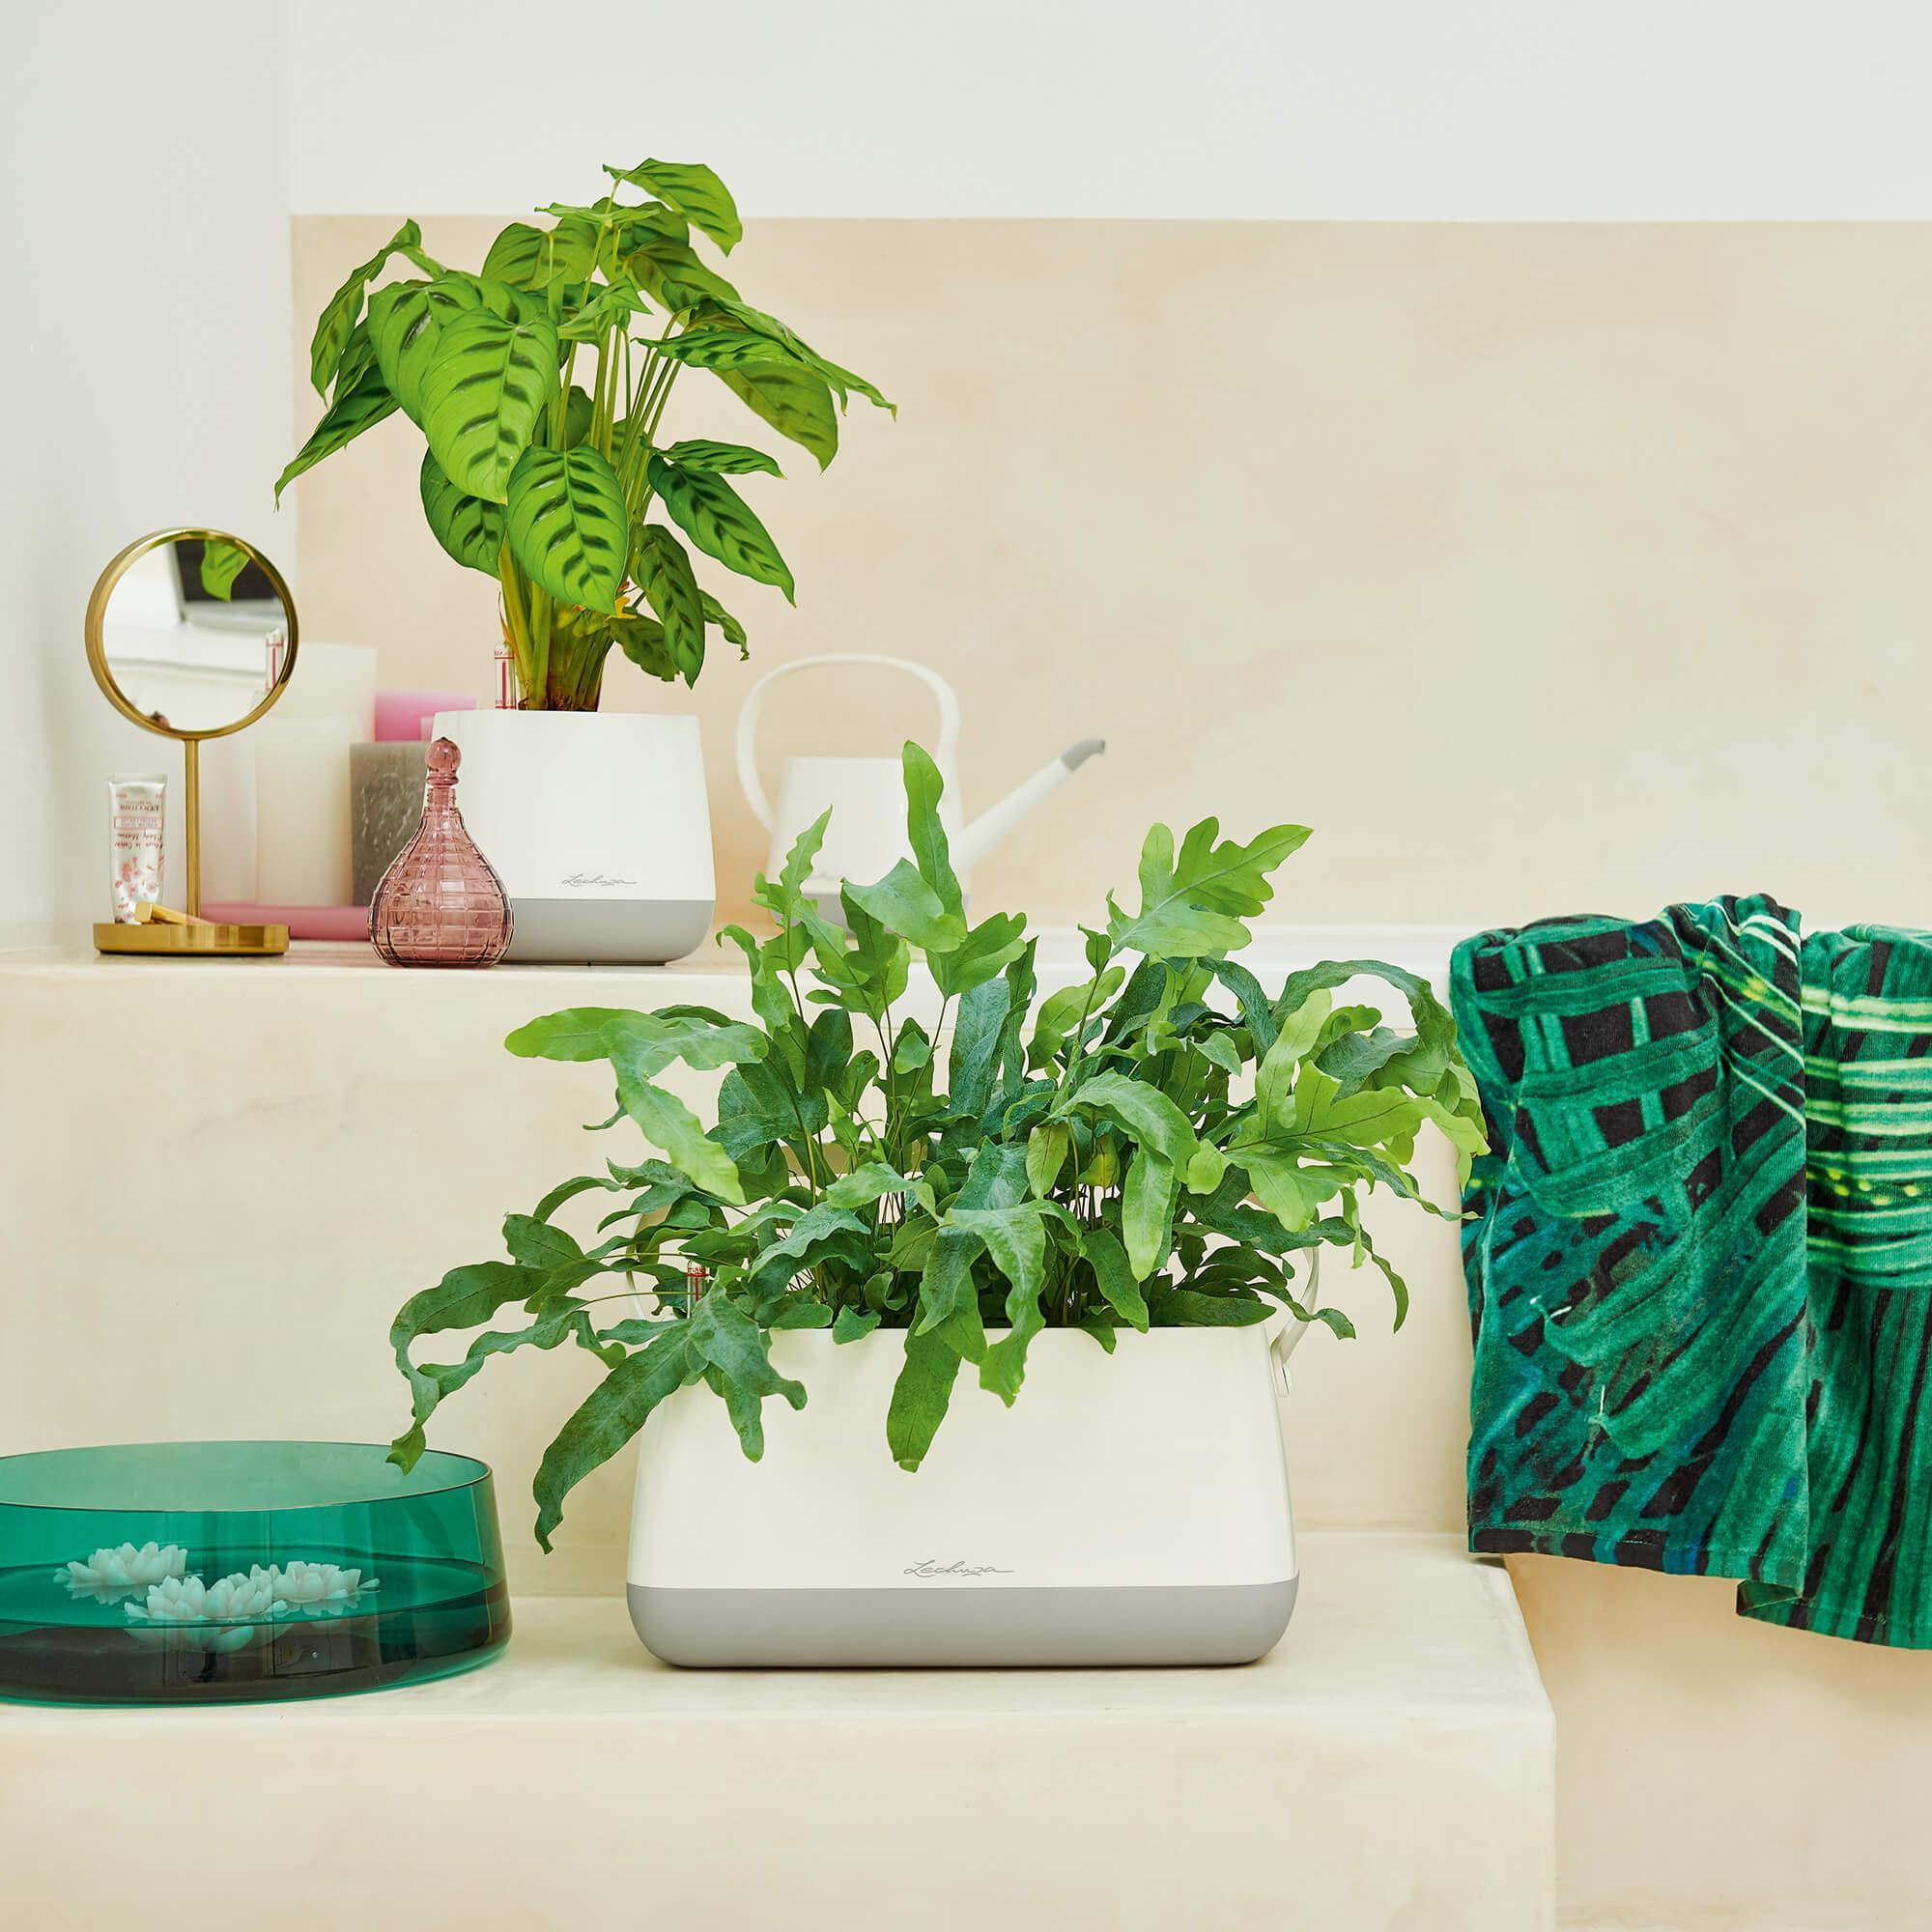 Maceta YULA blanco/verde pistacho satinado - Imagen 9